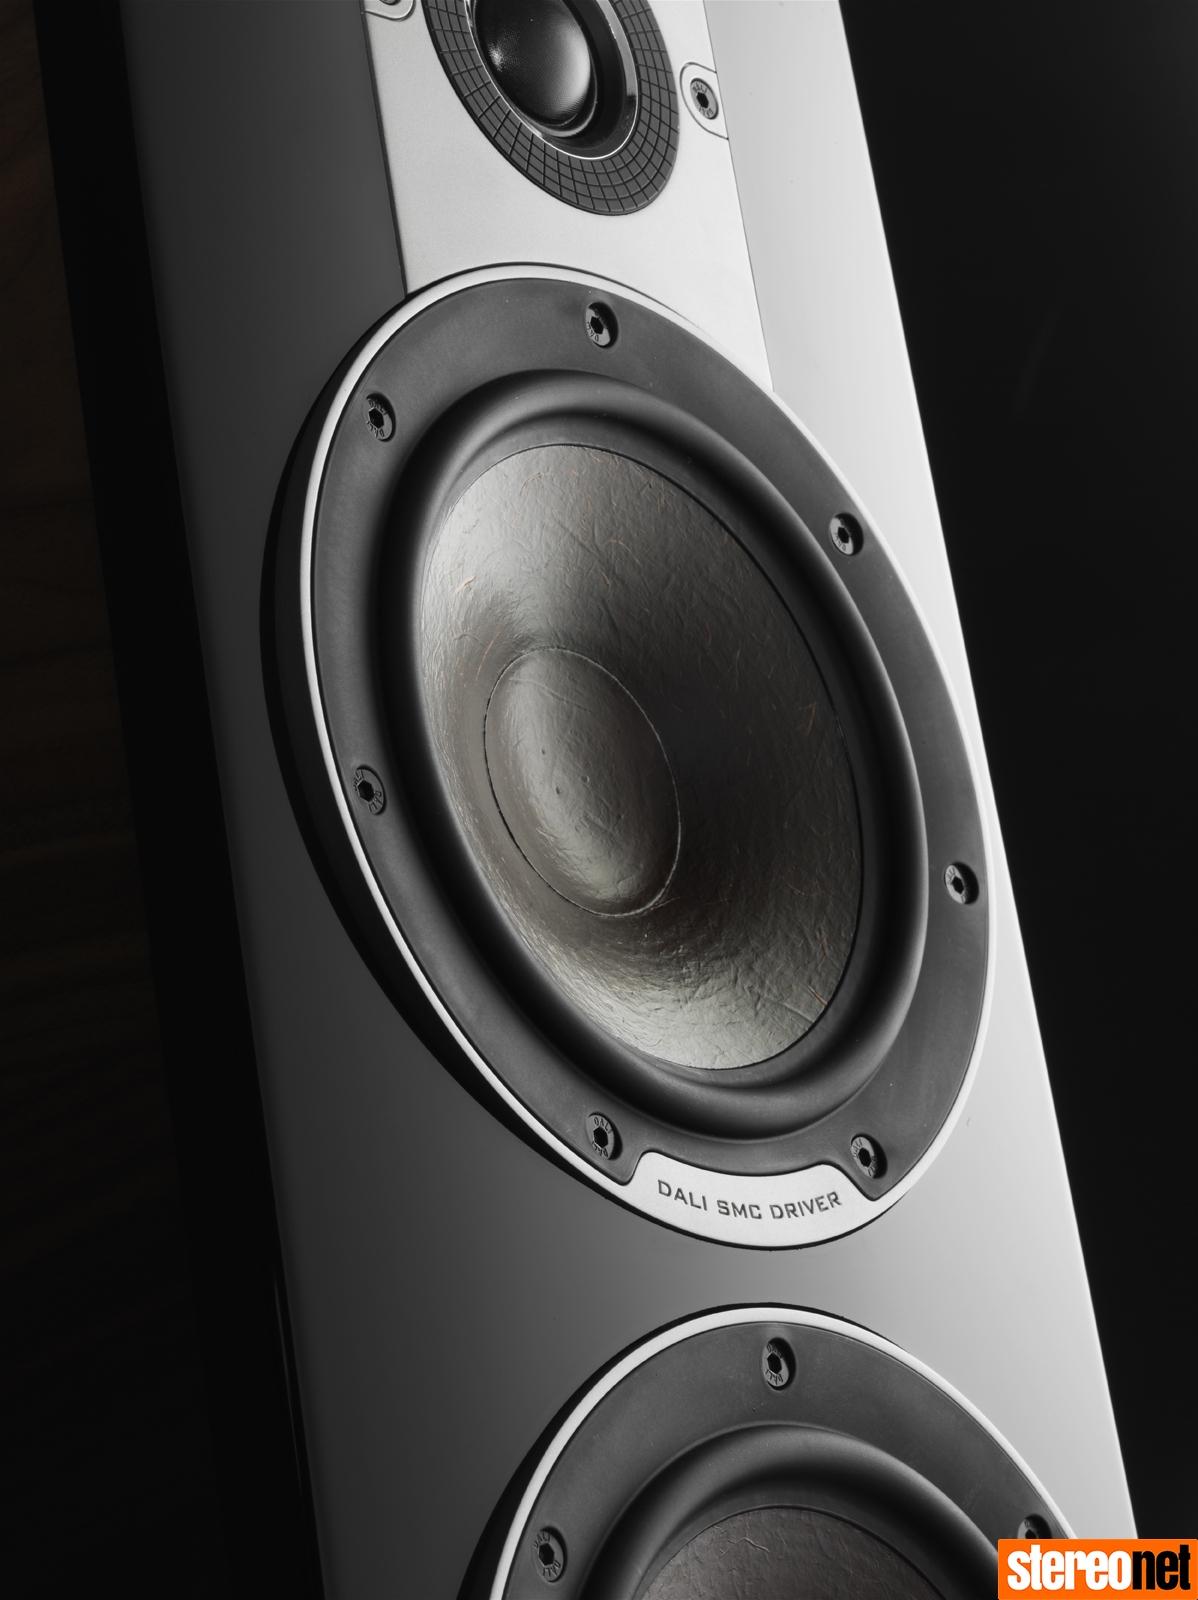 DALI Epicon 6 Loudspeaker Review